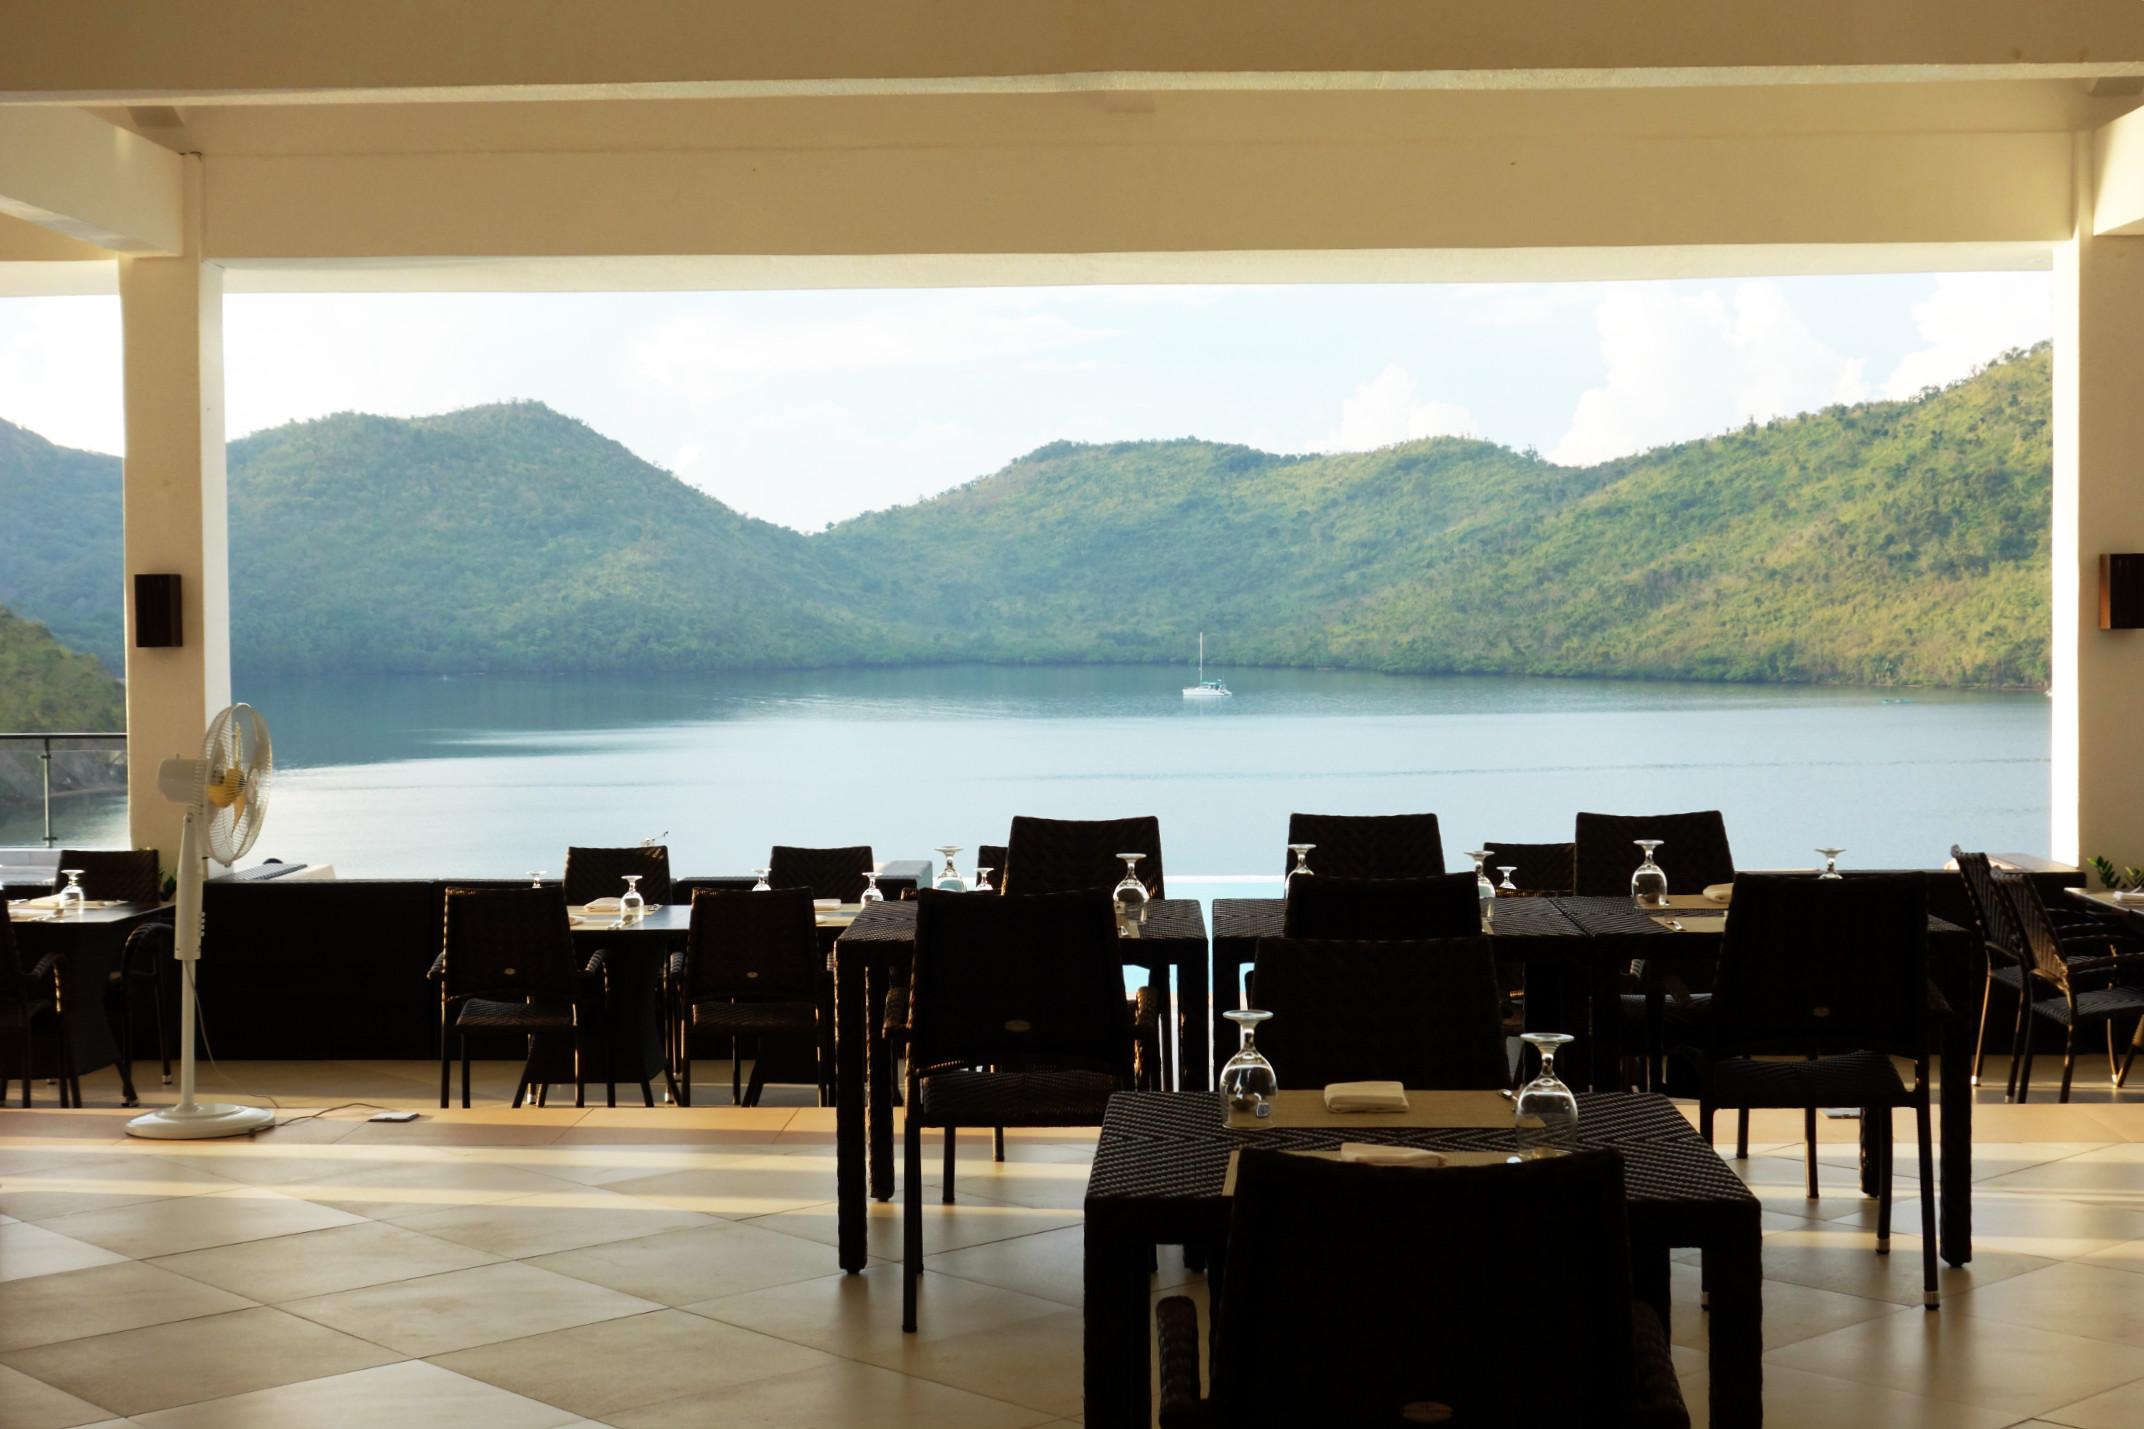 完璧なビーチリゾート、フィリピン・ブスアンガ島_d0116009_991557.jpg